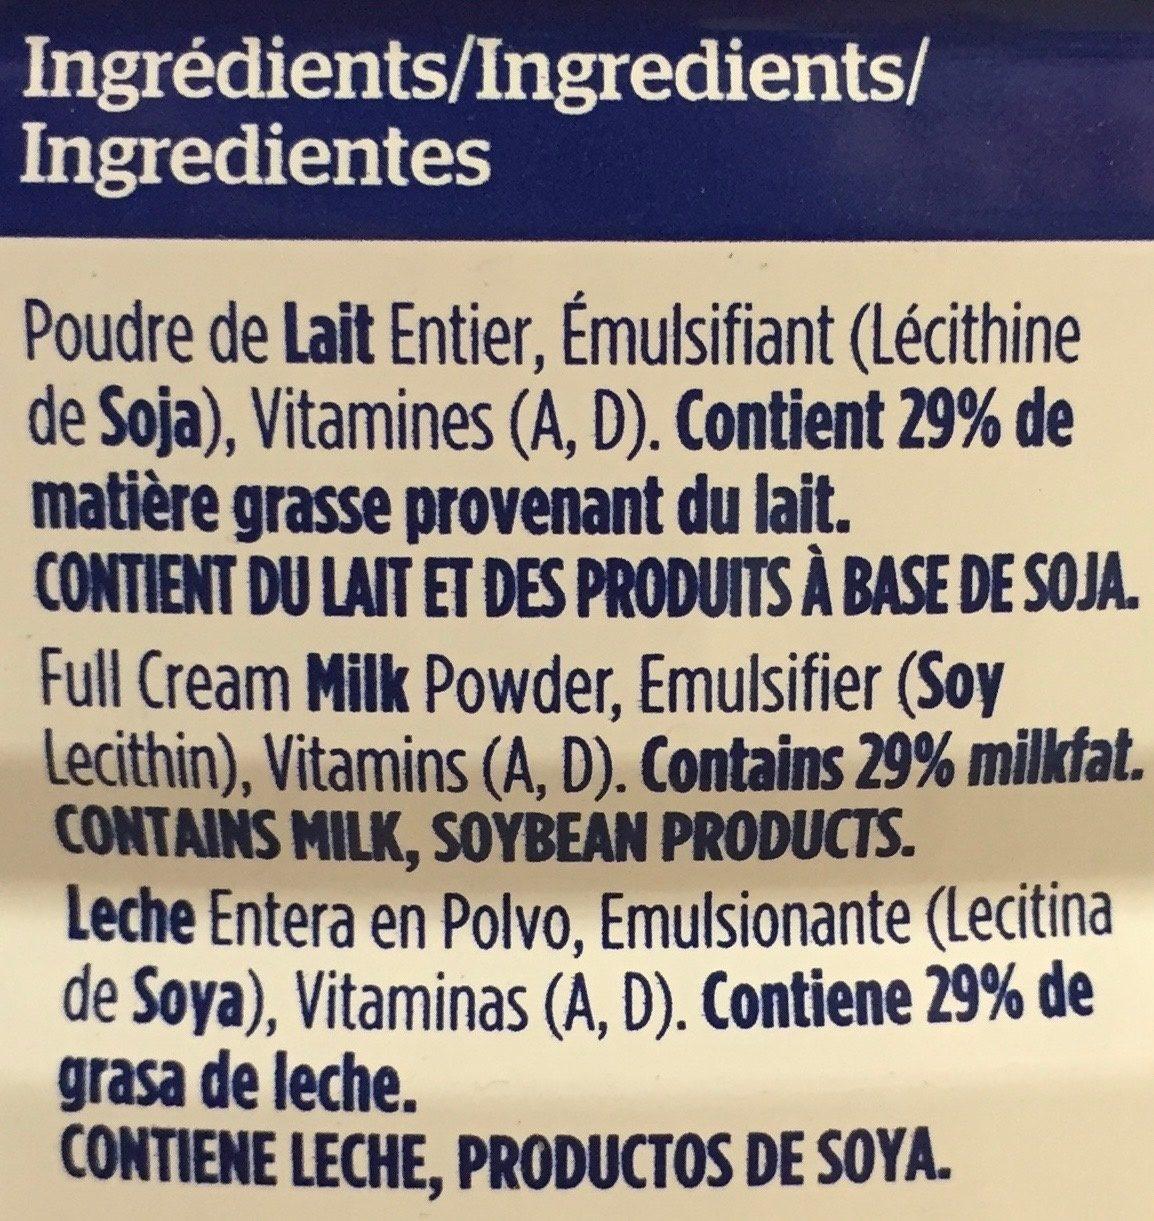 Lait entier en poudre - Ingredients